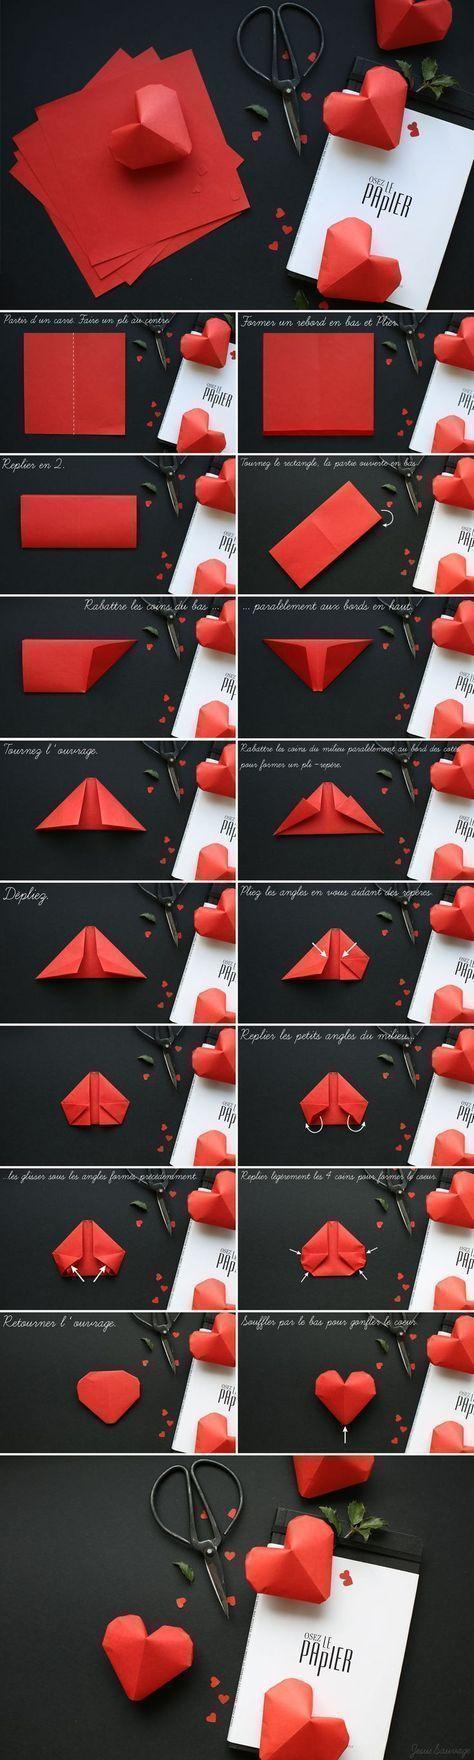 Photo of valentineamp;#039;s day crafts #valentinesday 15 Kreative Bastelanleitungen fr H…